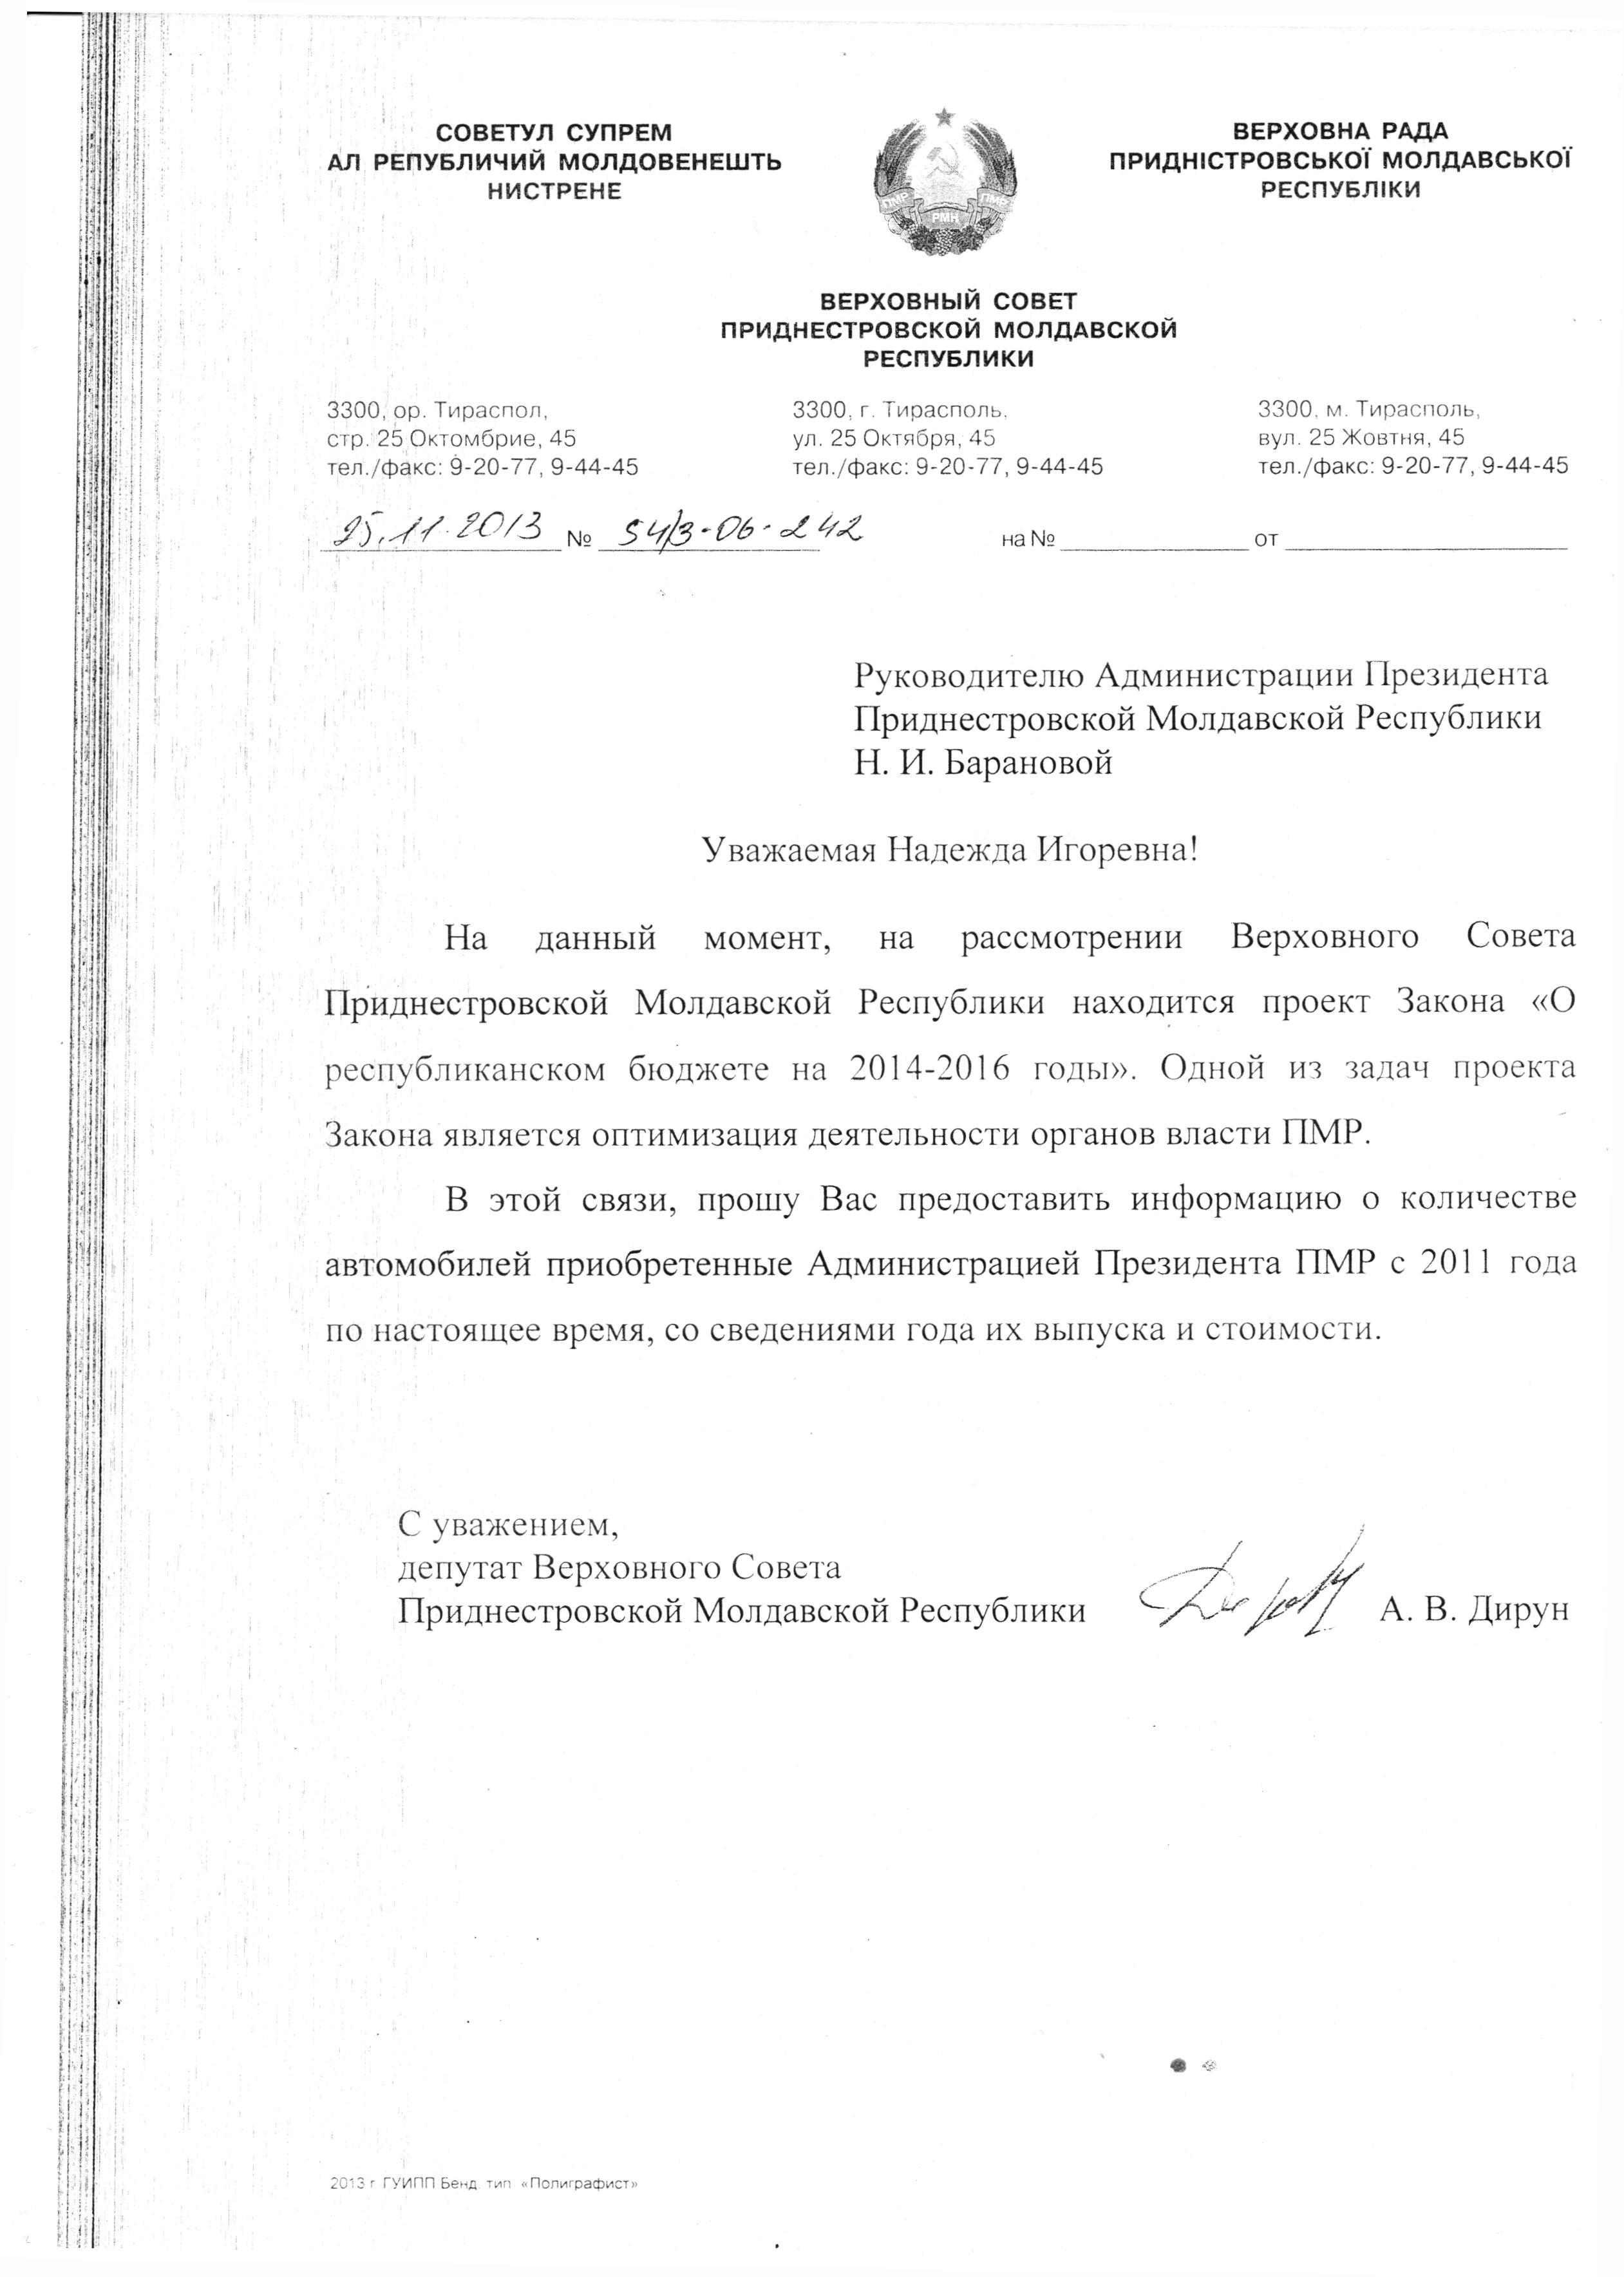 2013_deputatskii_zapros_avtomobili_3.jpg